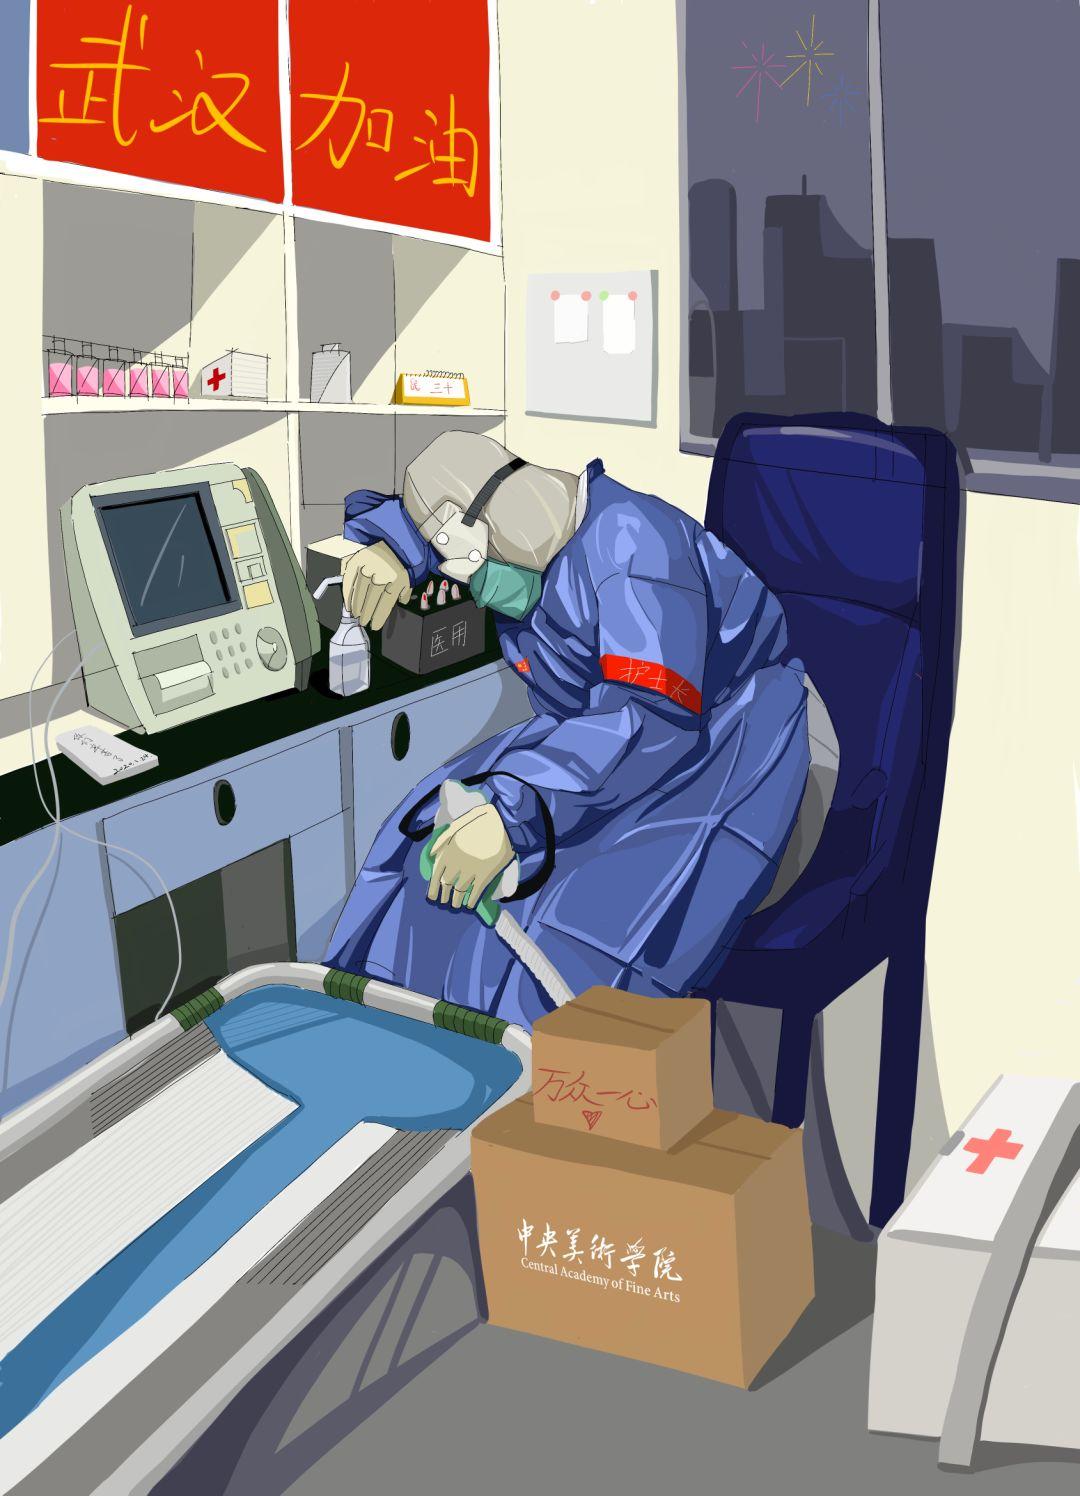 疫情当前,九大美院及千名画家用作品为武汉加油!看后暖哭了…插图9